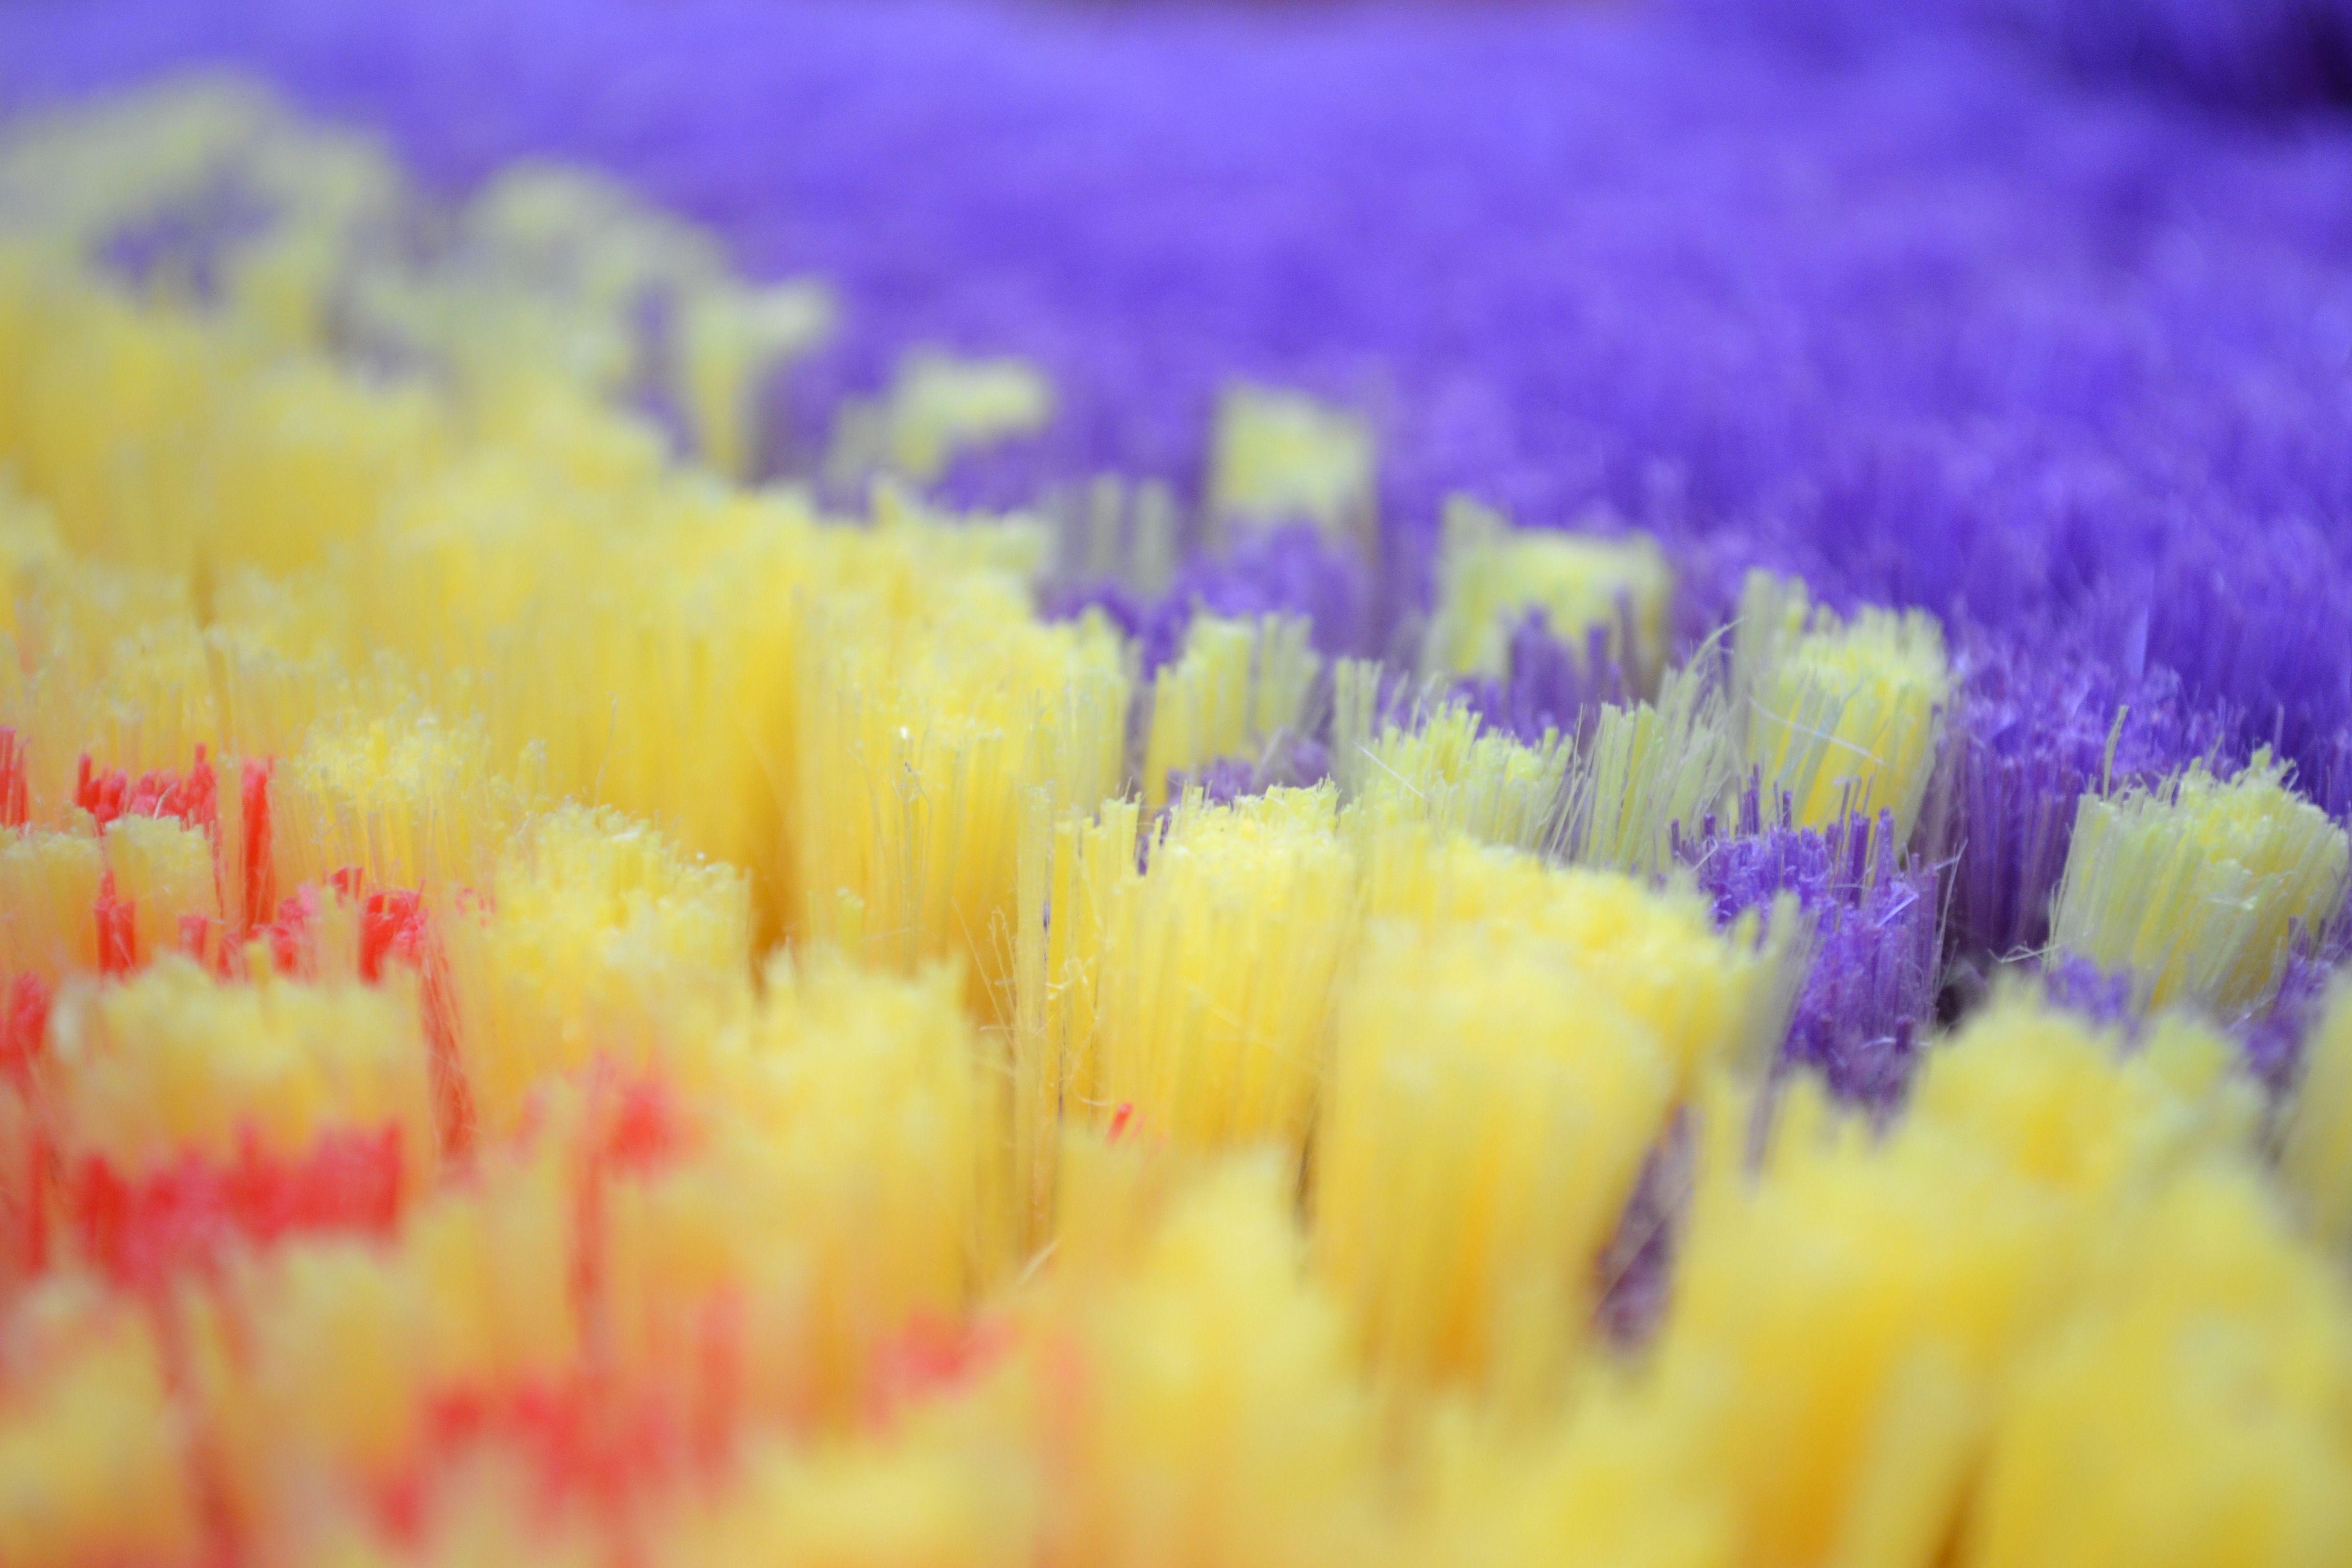 Las fibras son parte importante en la fabricación  de una escoba